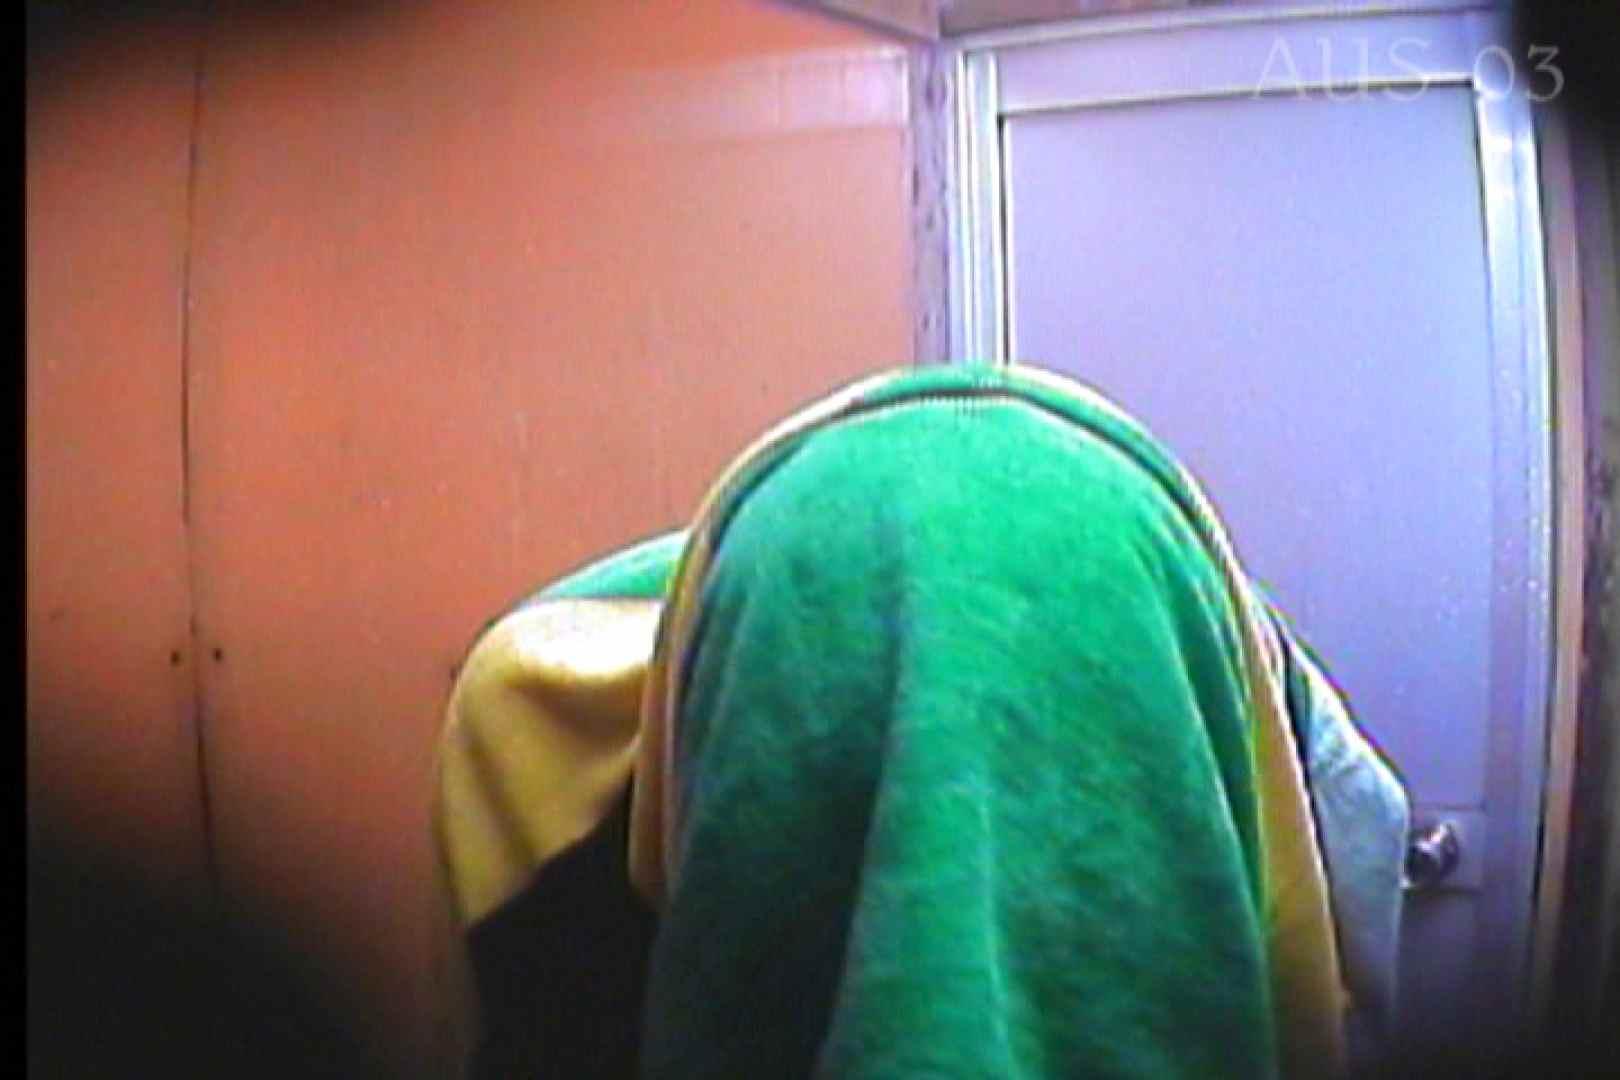 海の家の更衣室 Vol.11 シャワー 盗み撮り動画キャプチャ 80連発 71